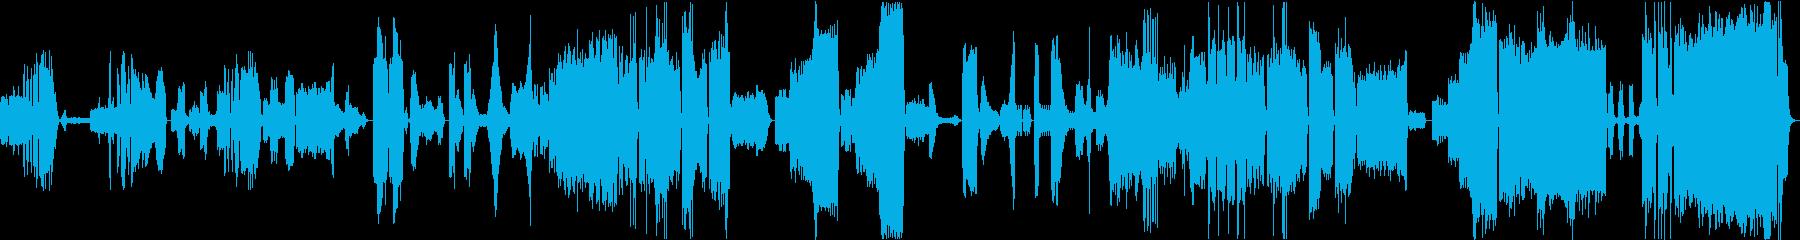 ニコライ・リムスキー=コルサコフのカバーの再生済みの波形